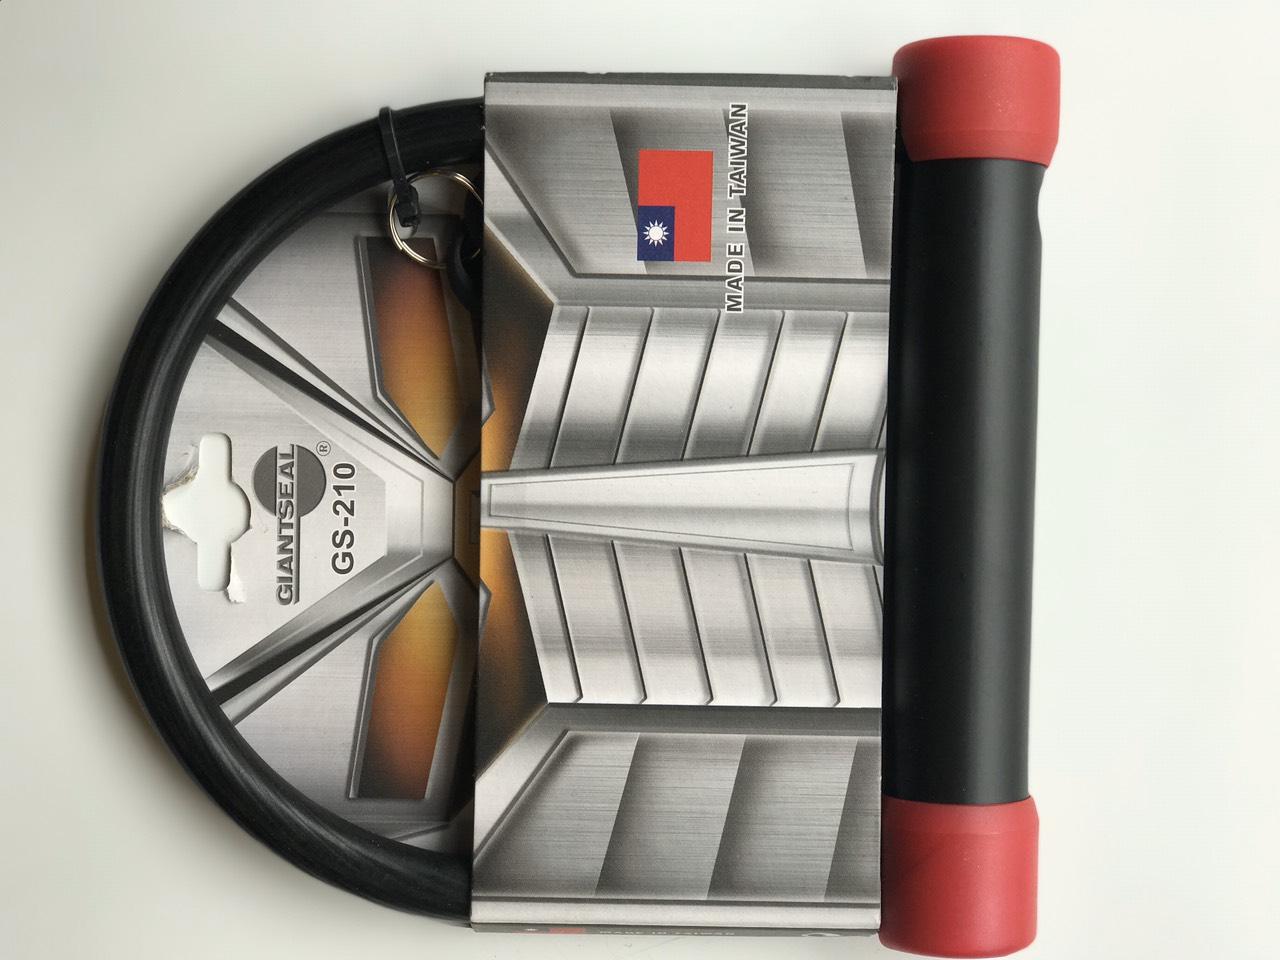 Khóa U chống trộm khóa bánh xe máy nhập khẩu Đài Loan GS210